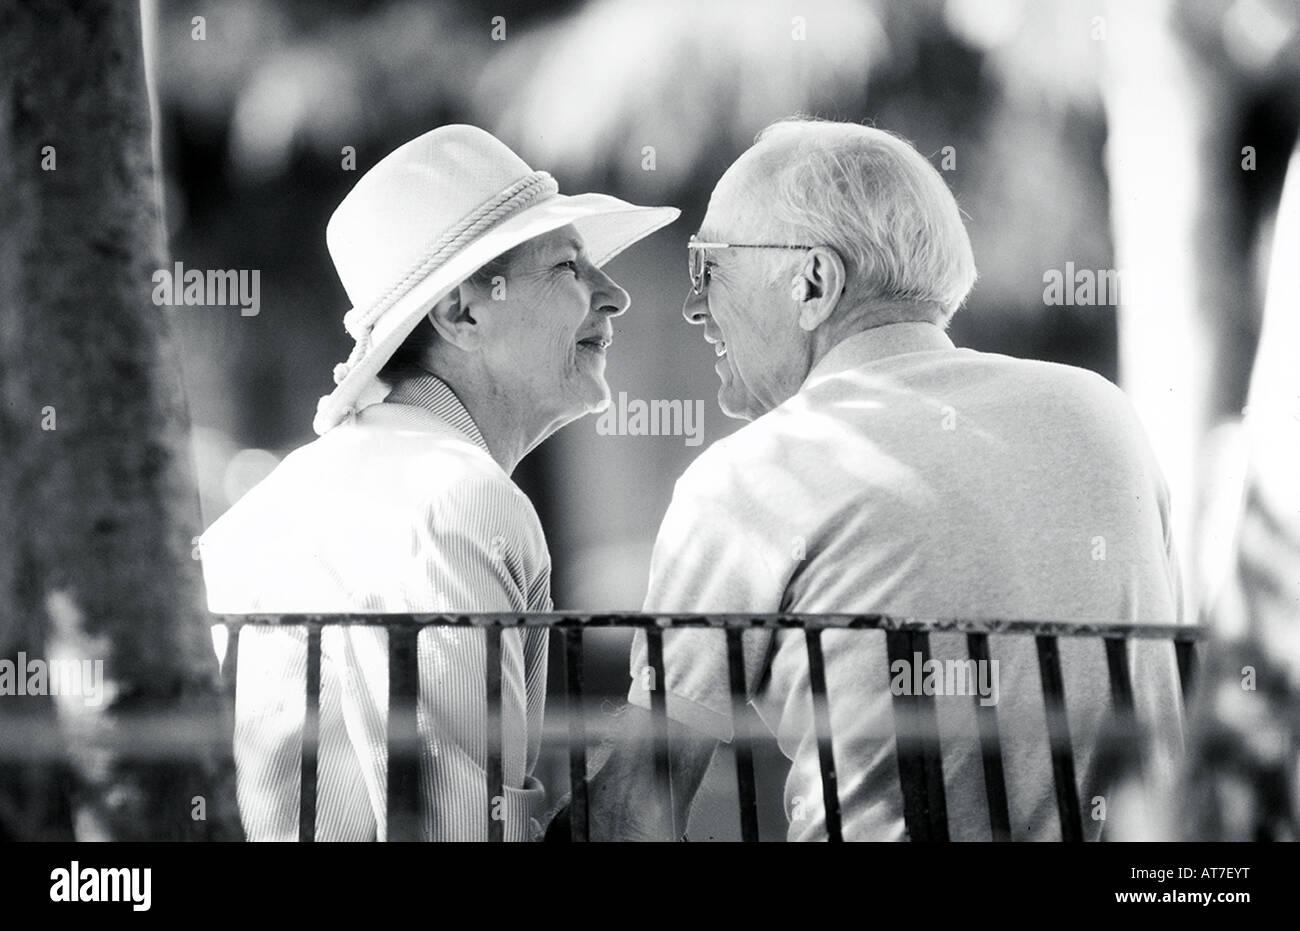 Una coppia matura a parlare intimamente su una panchina nel parco Immagini Stock